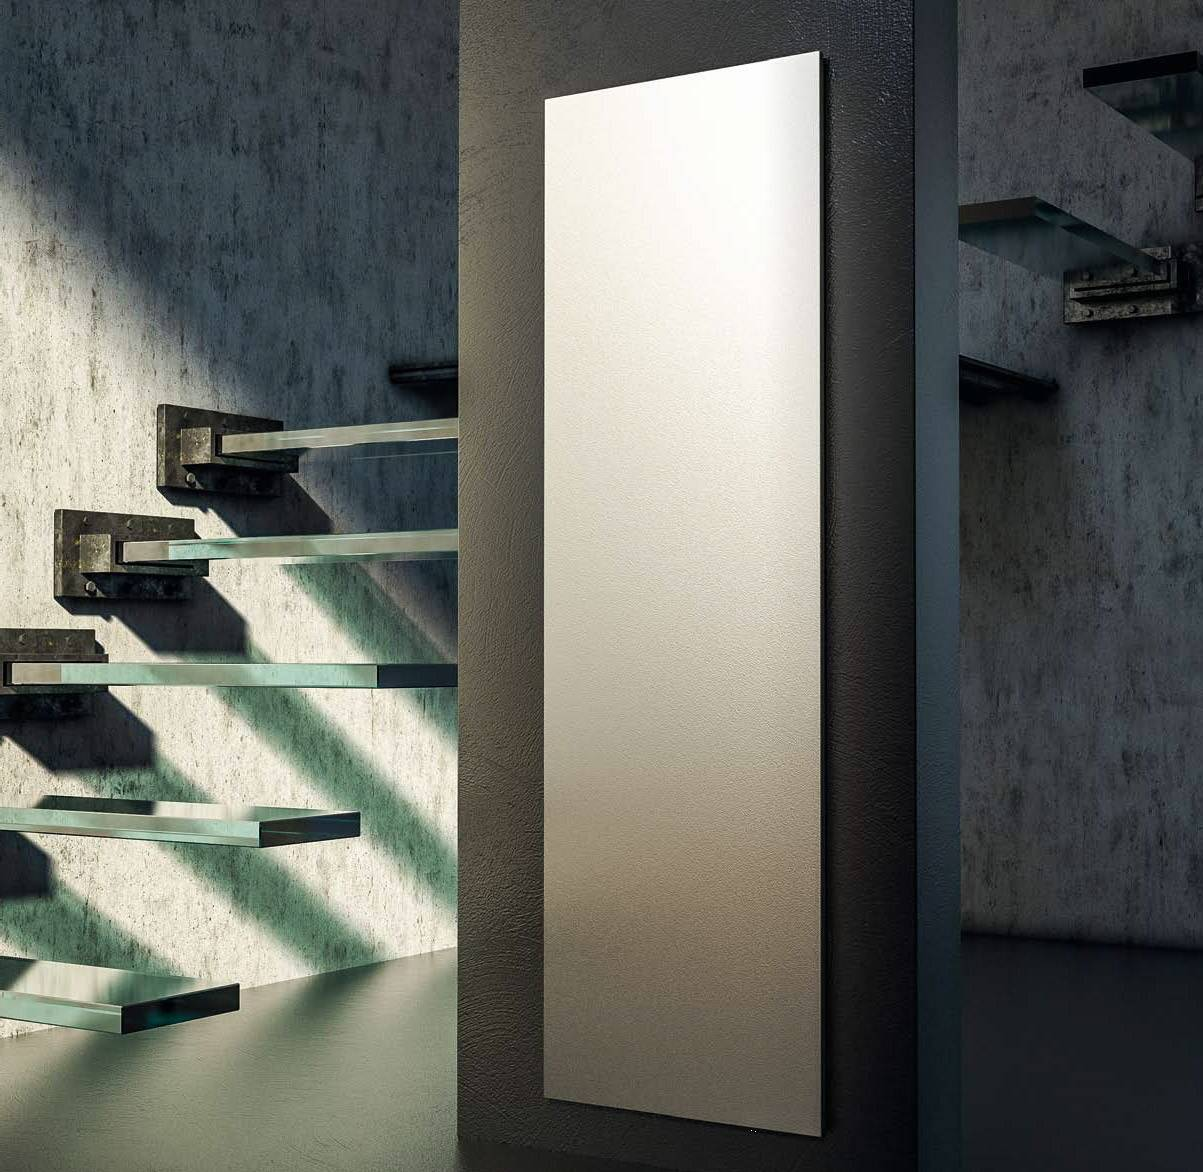 Plattenheizkörper-inox-satinato-graziano-design